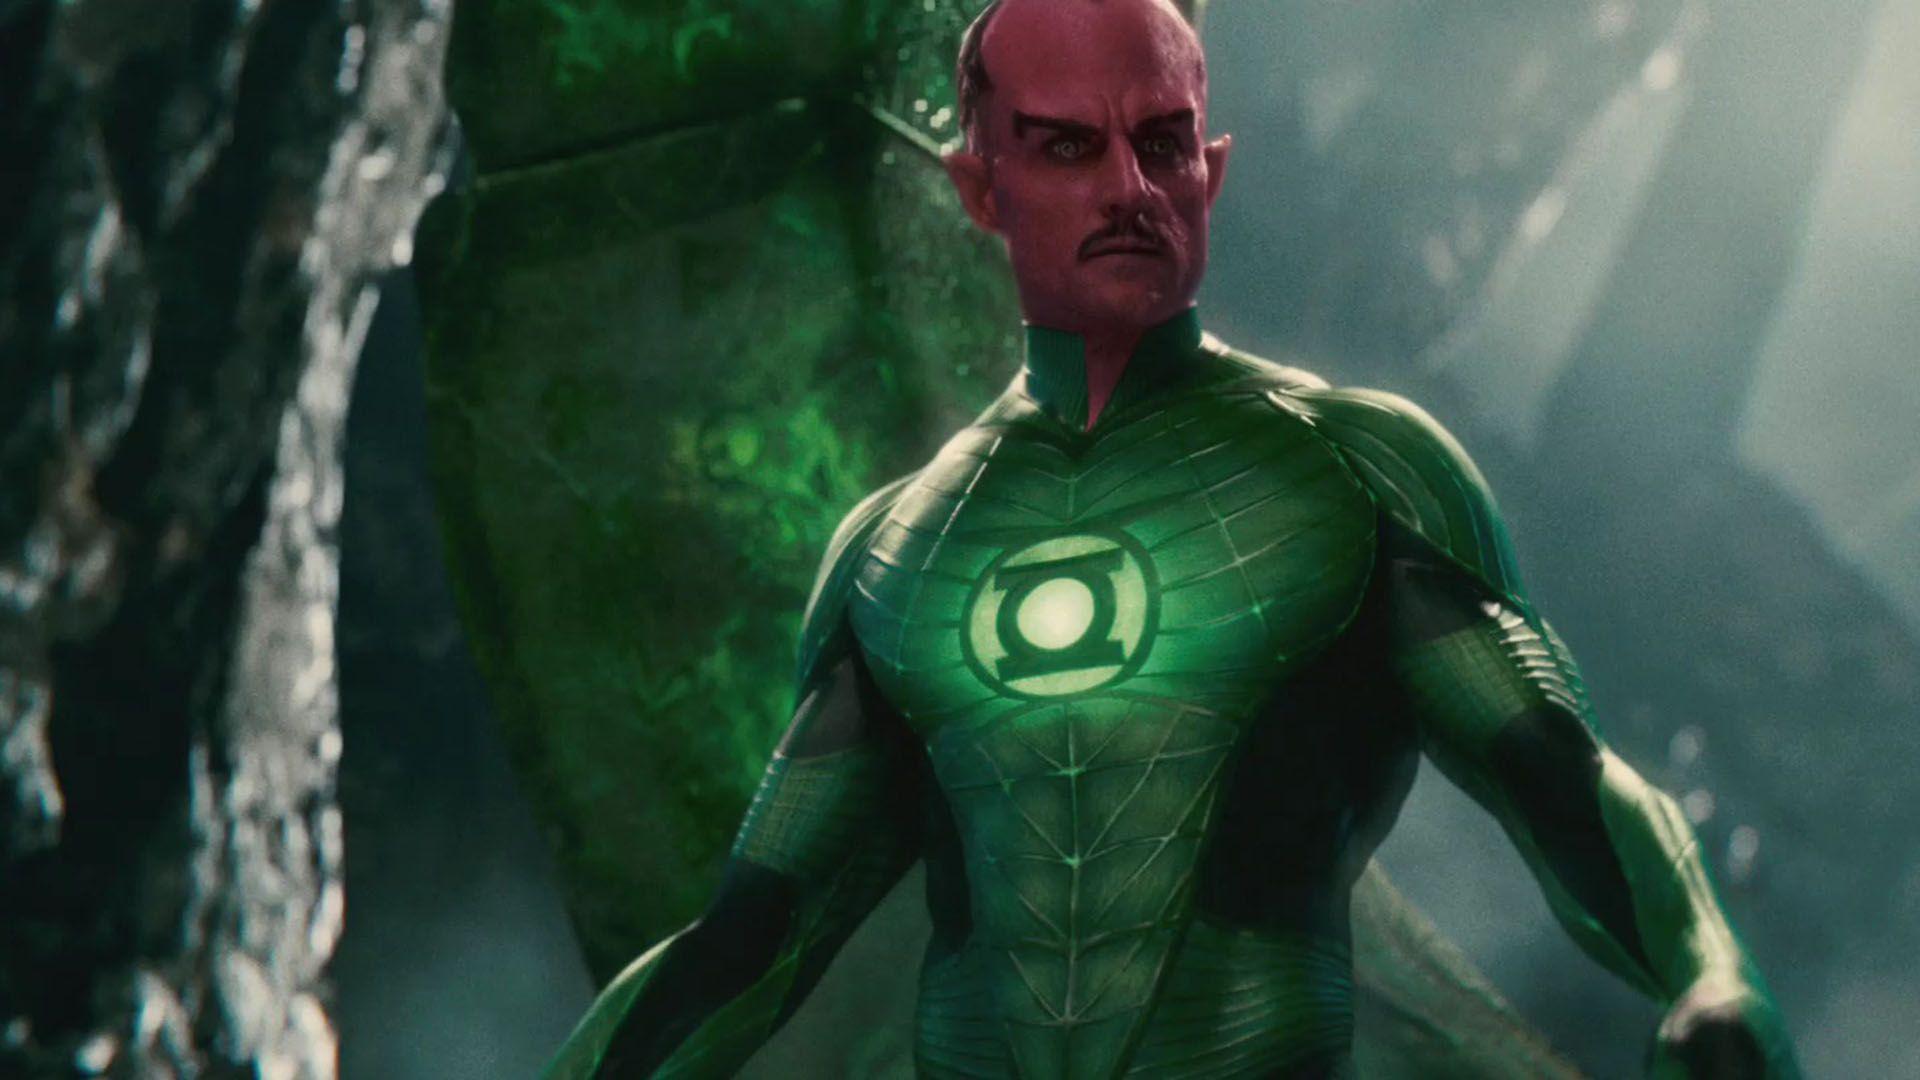 Green Lantern Movie Sinestro - wallpaper.